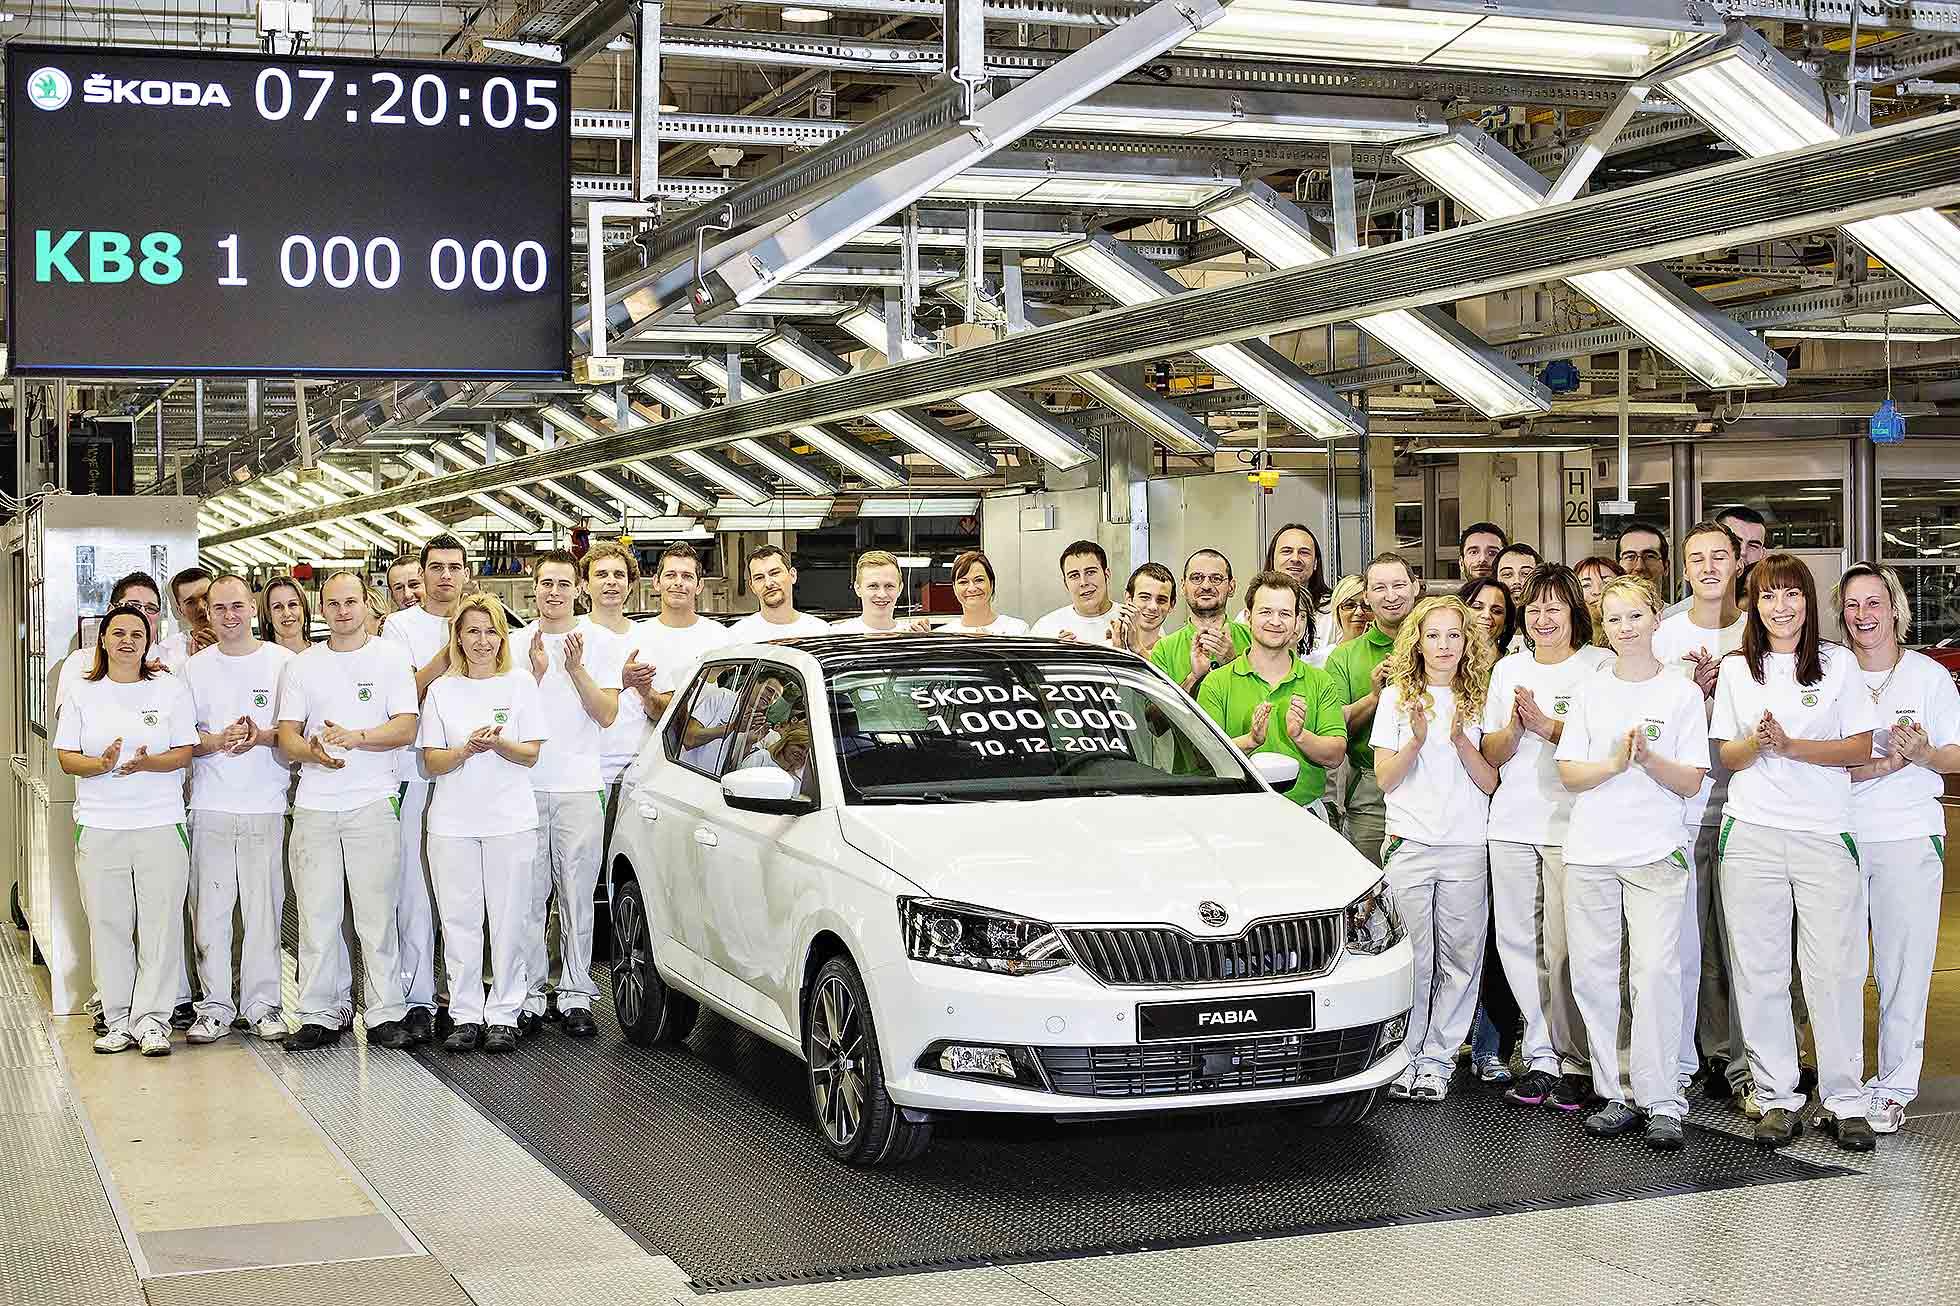 Skoda builds 1 million in 2014